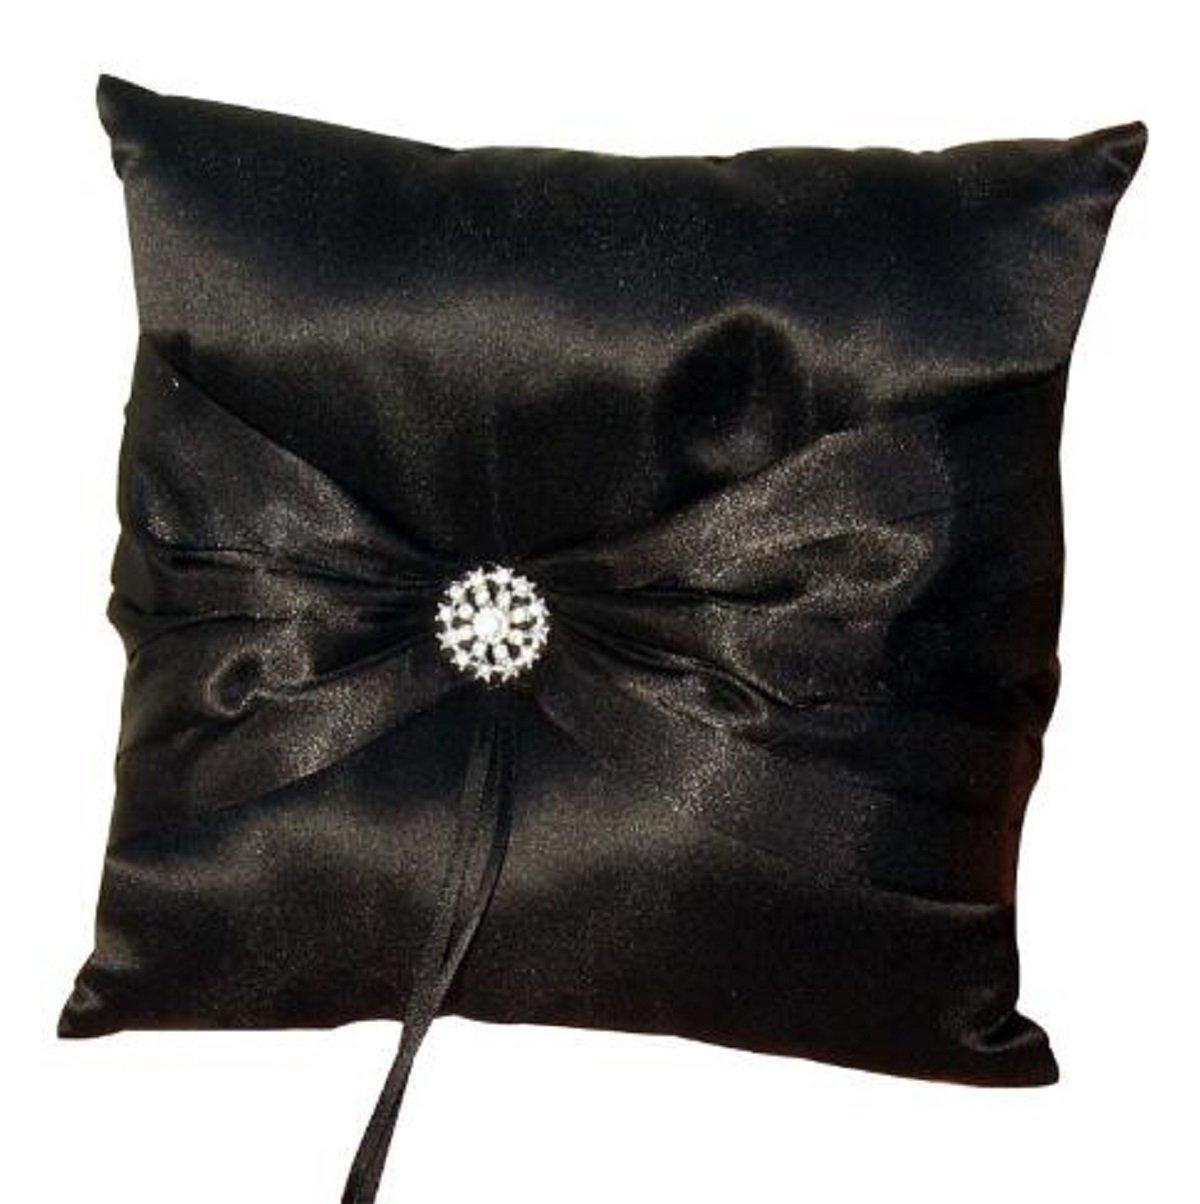 Wedding Ring Pillow Wedding Ring Cushion Ring Bearer Pillow,Black,7.8 7.8 inch